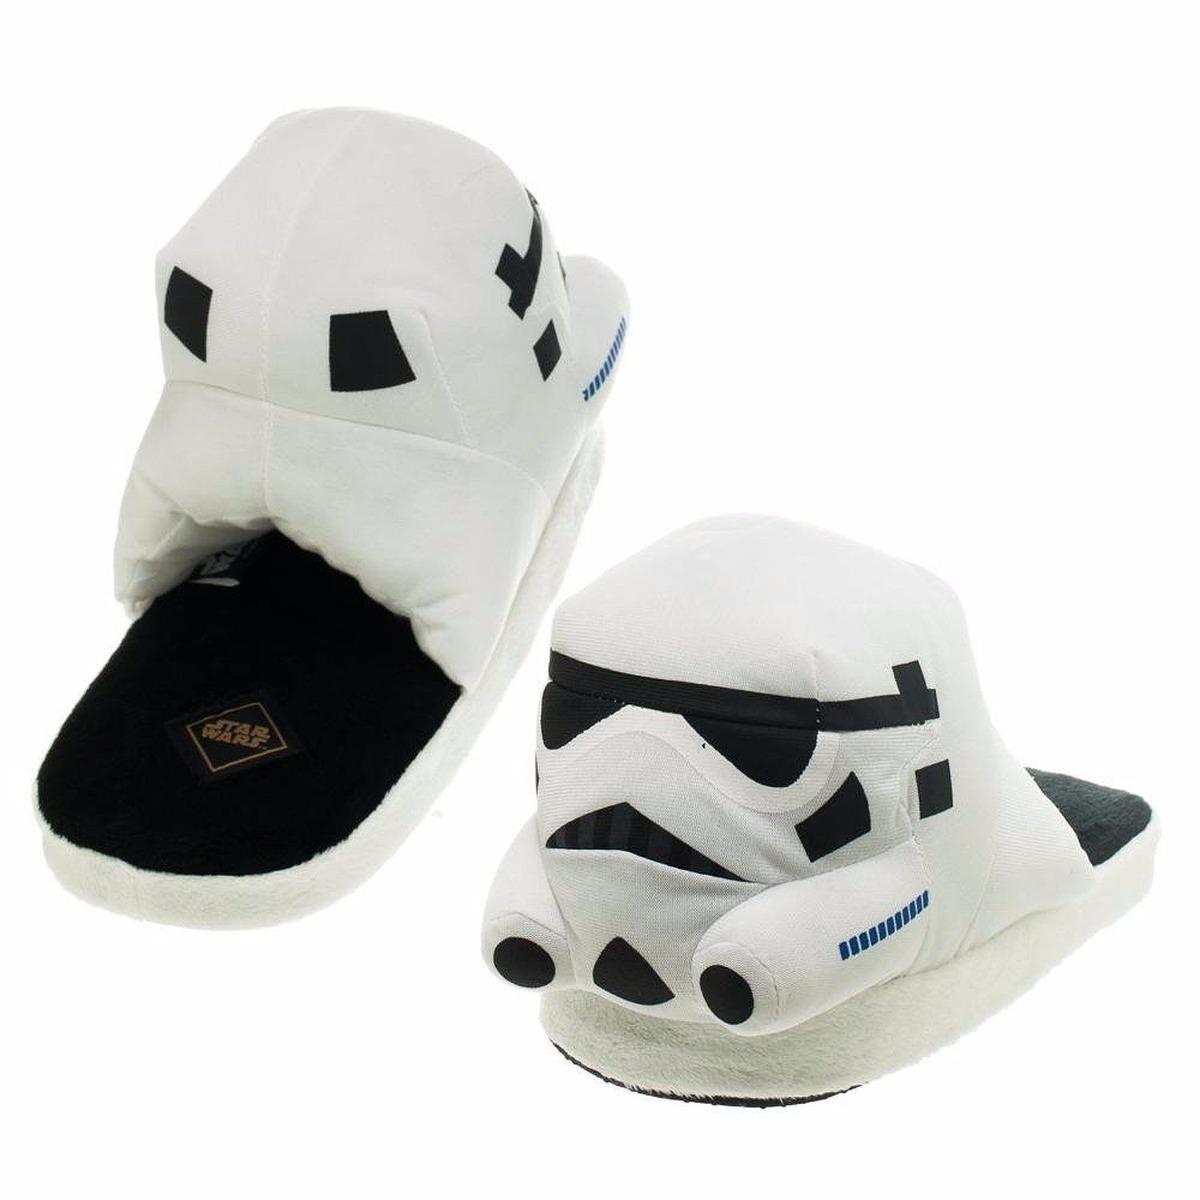 Pantuflas blancas y negras de Star Wars   Calzado   Hombre